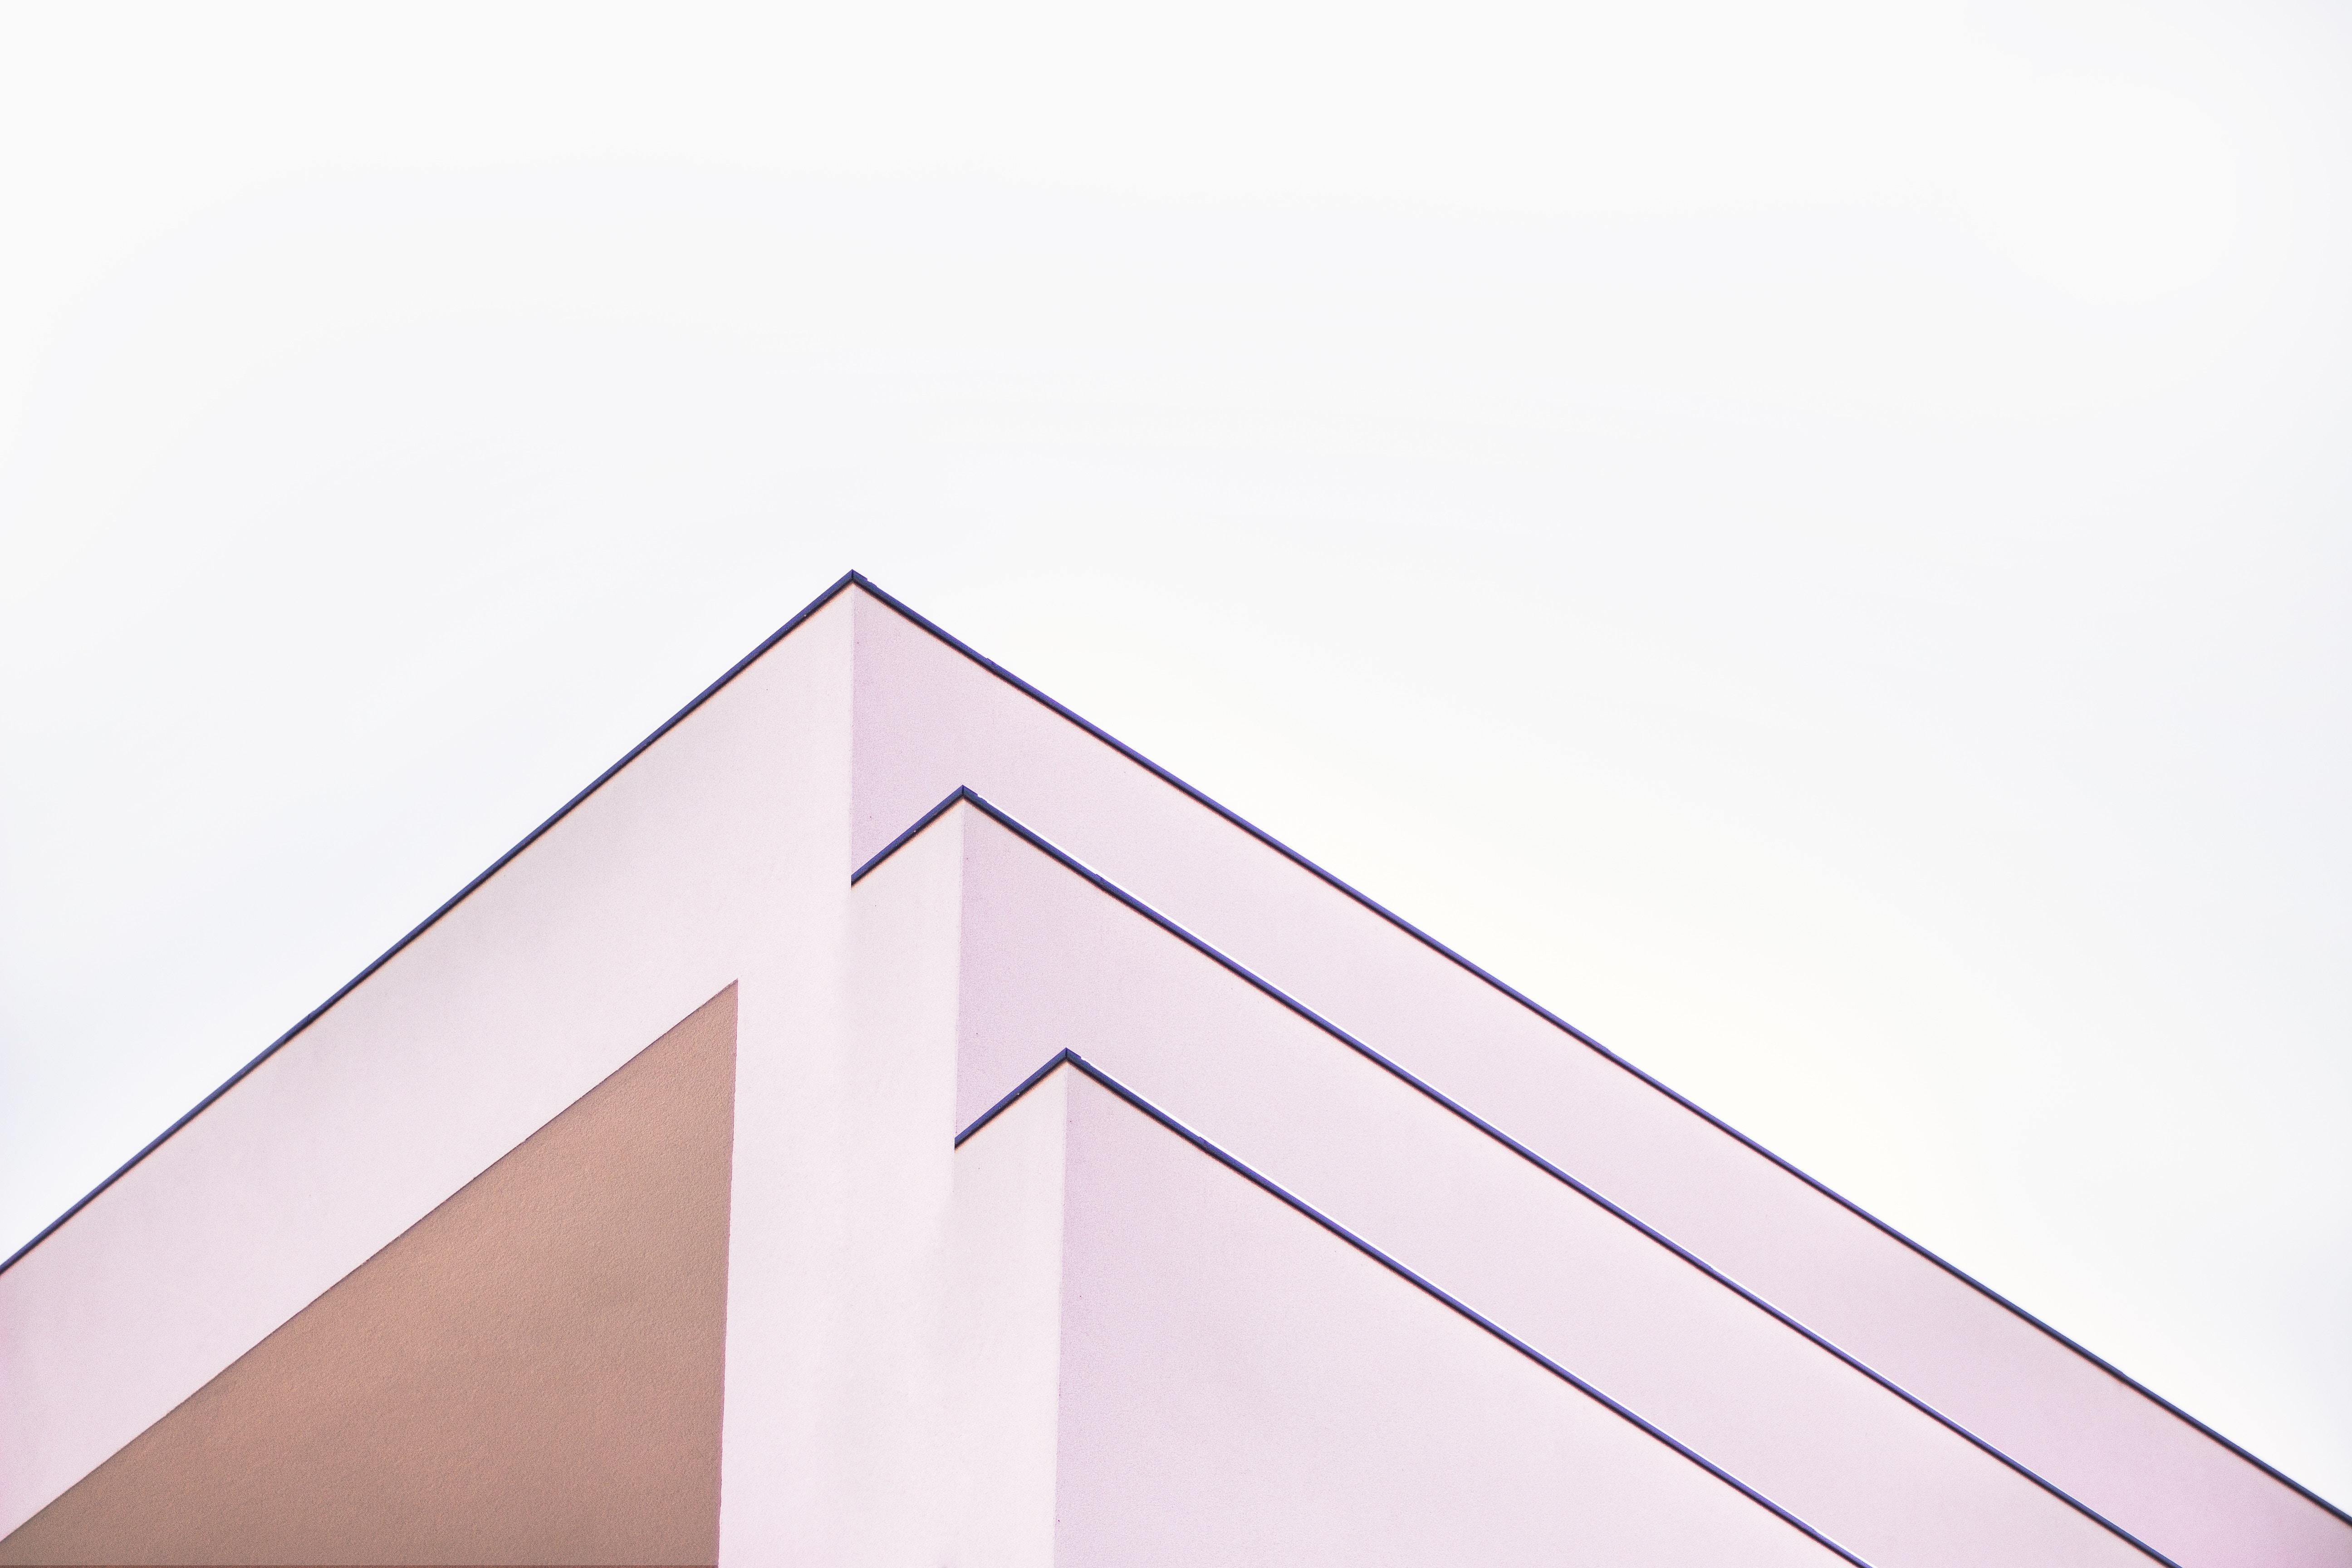 Edificio esquinas pronunciadas